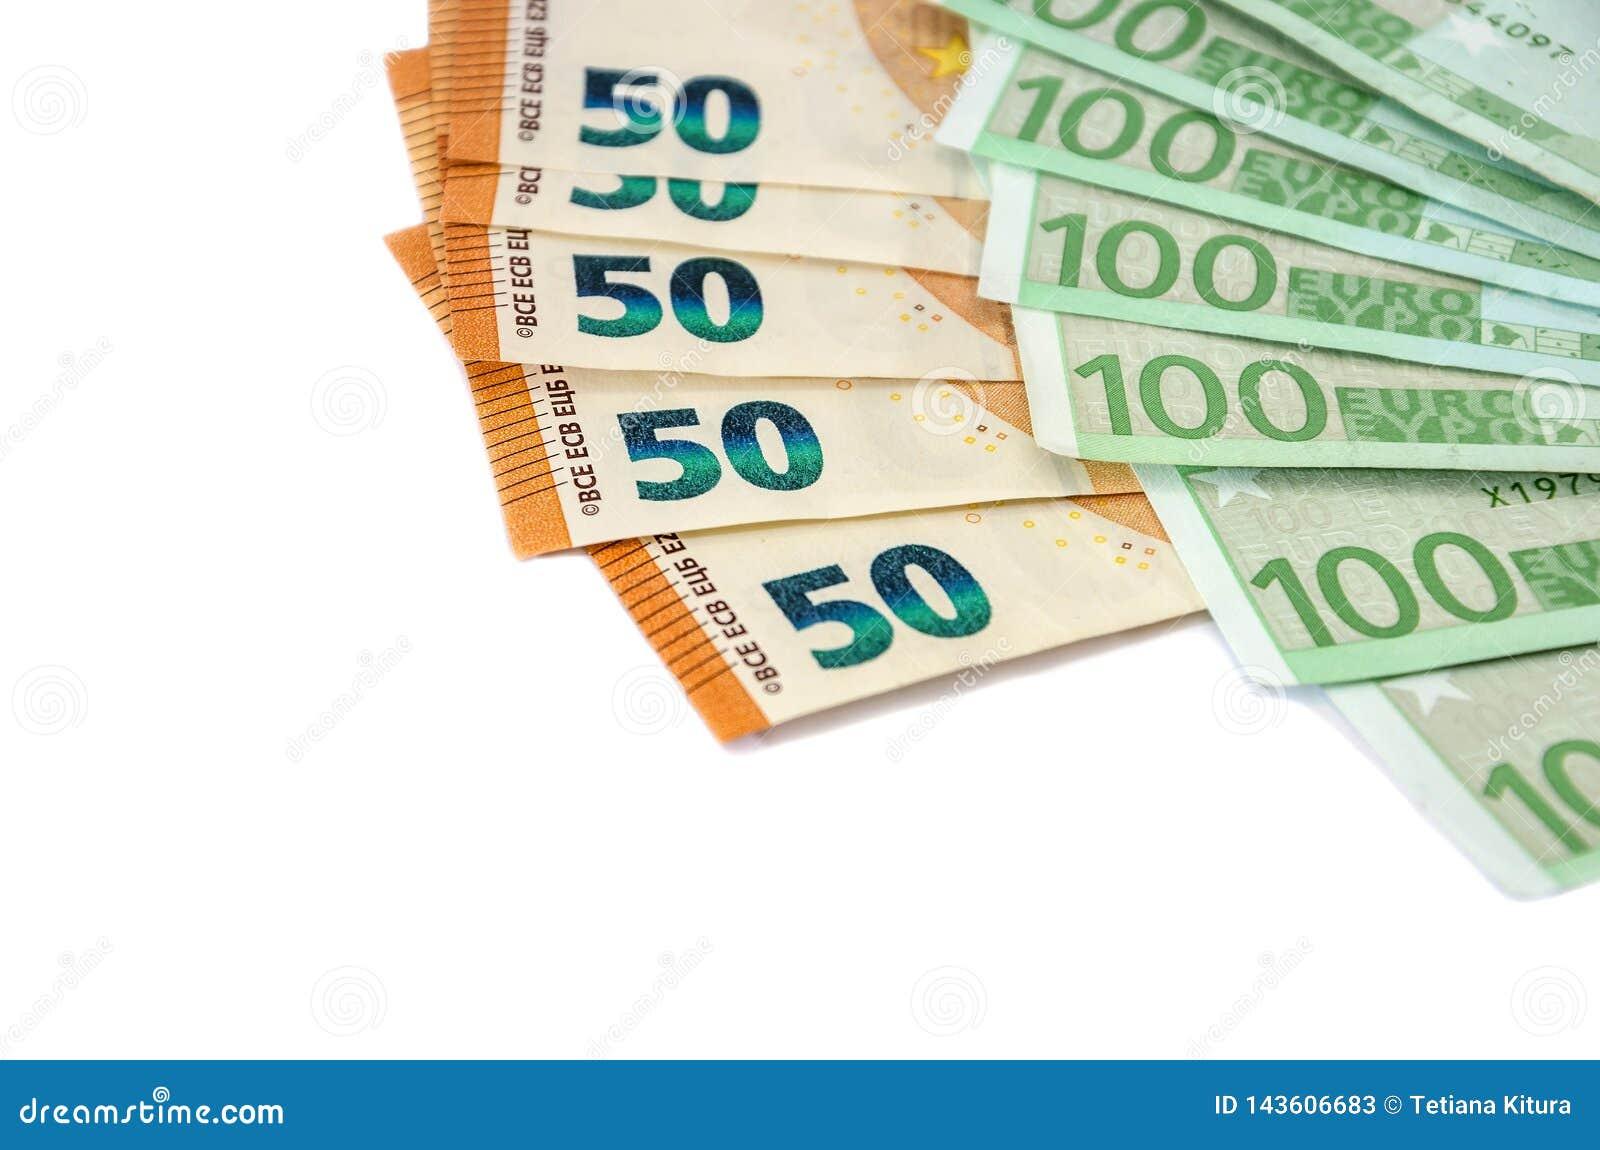 Billetes de banco de cientos y cincuenta euros en un fondo blanco